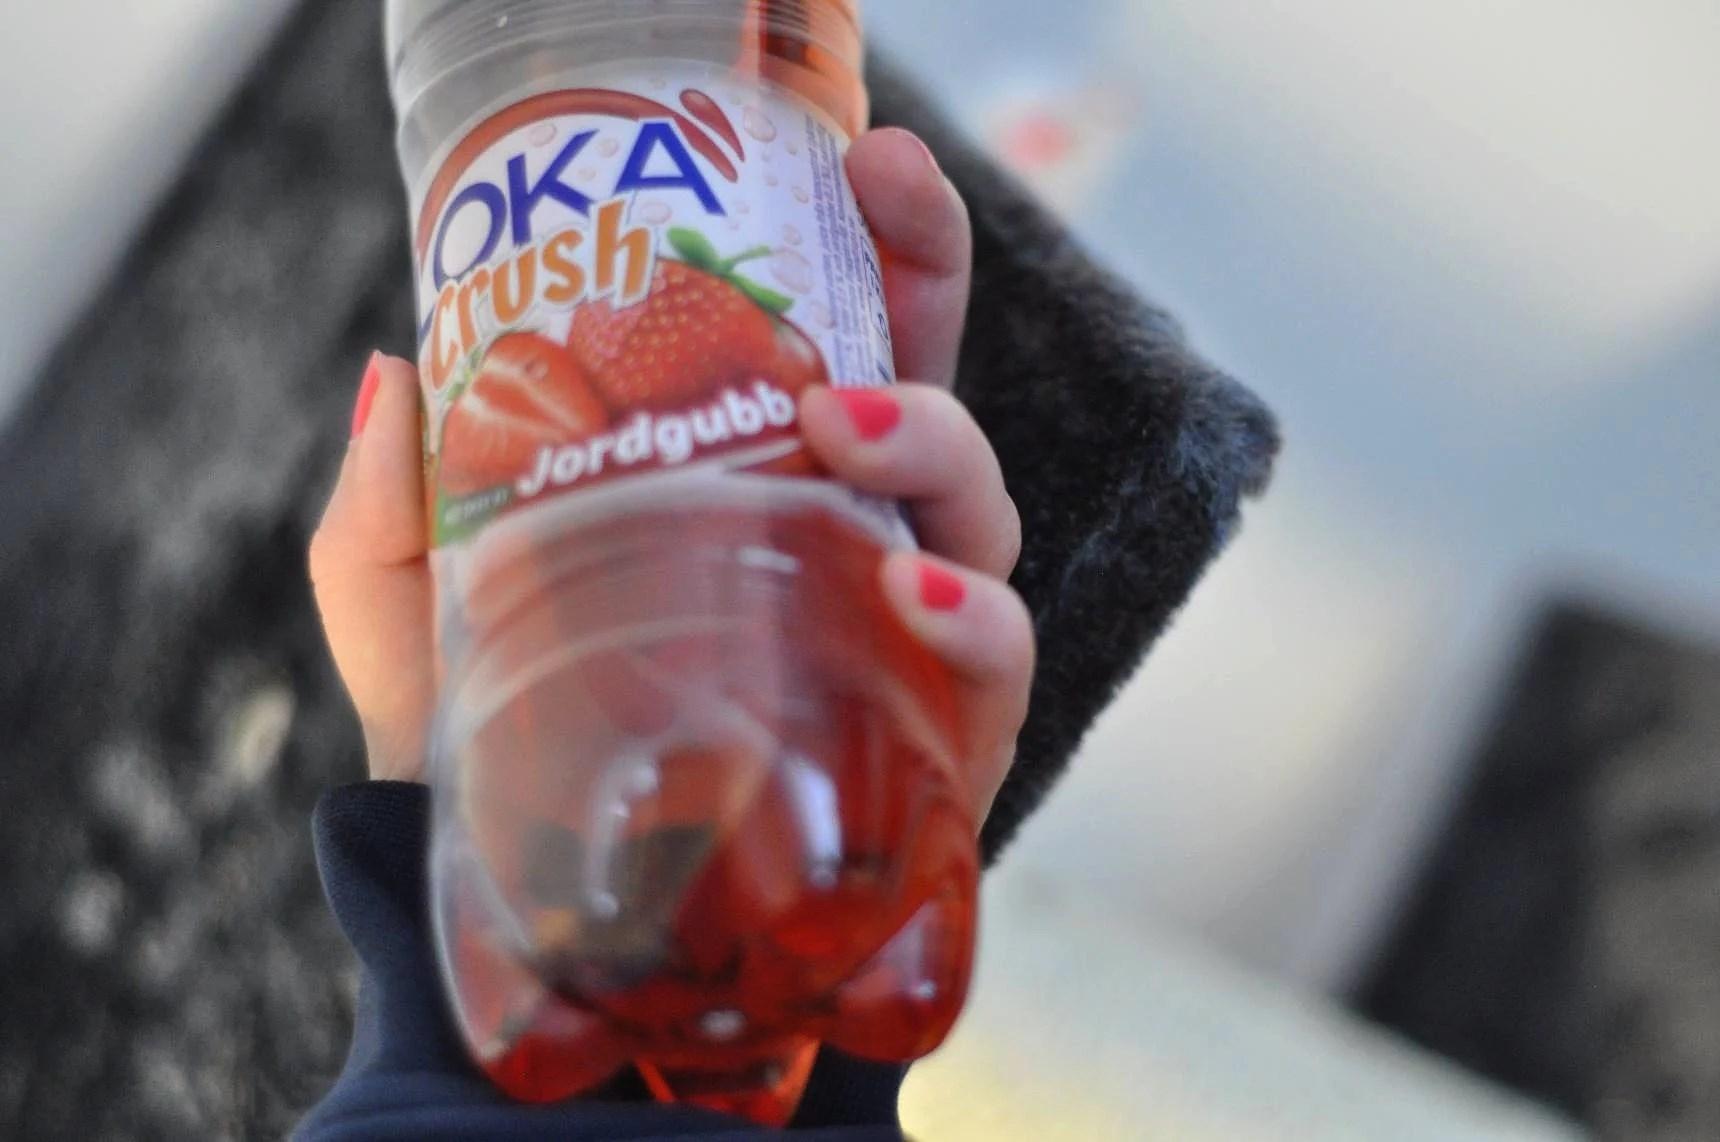 Valborg: Loka crush jordgubb